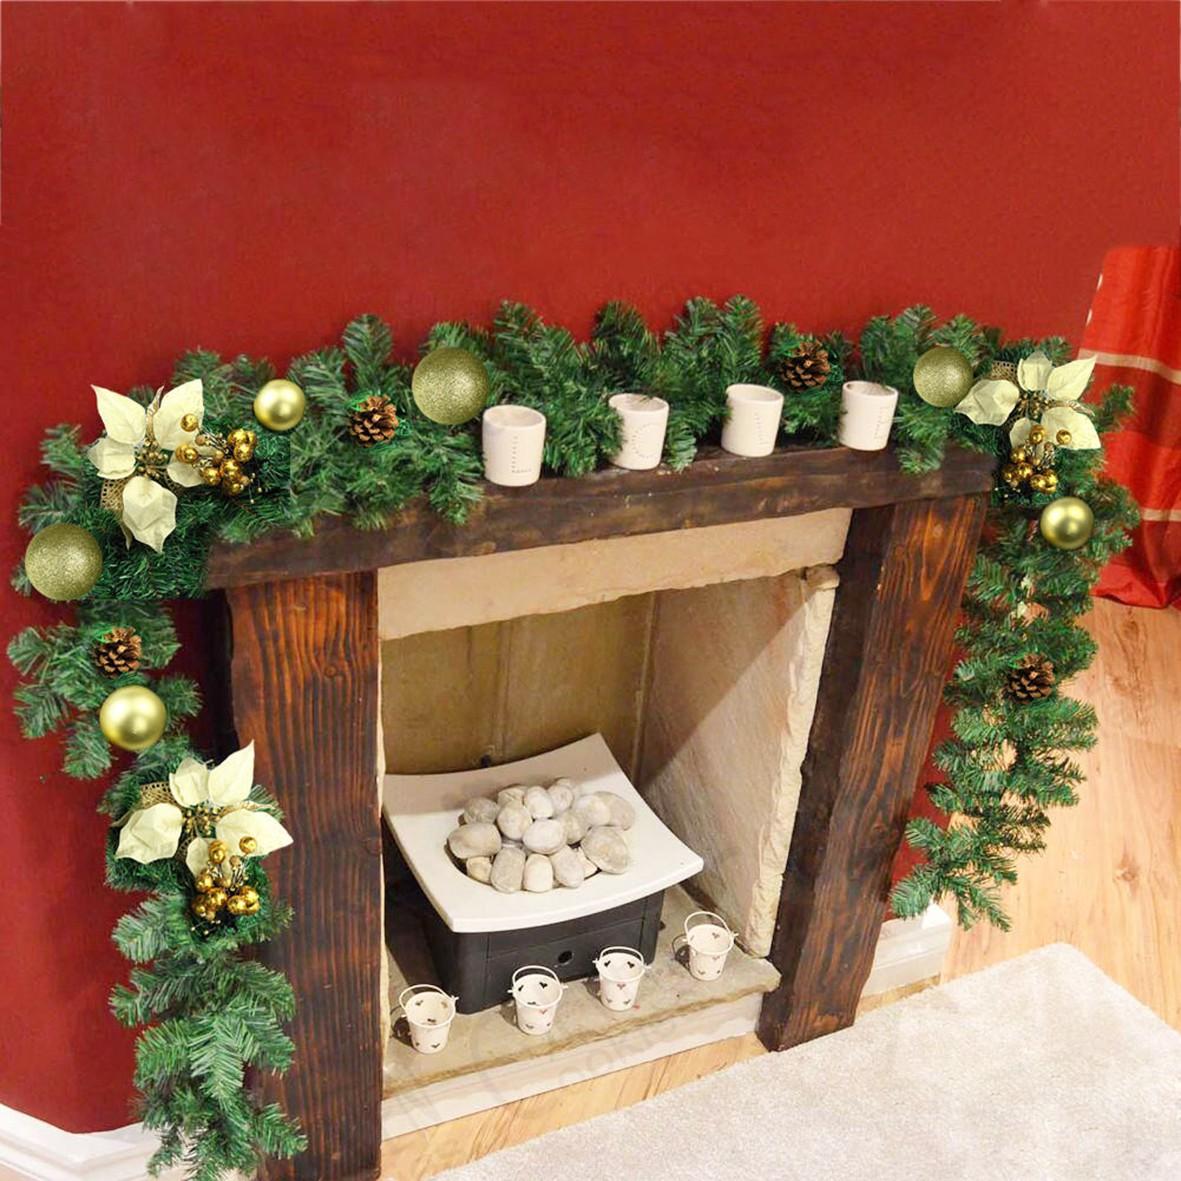 9ft Decorated LED Garland Christmas Decor Xmas Fireplace ...